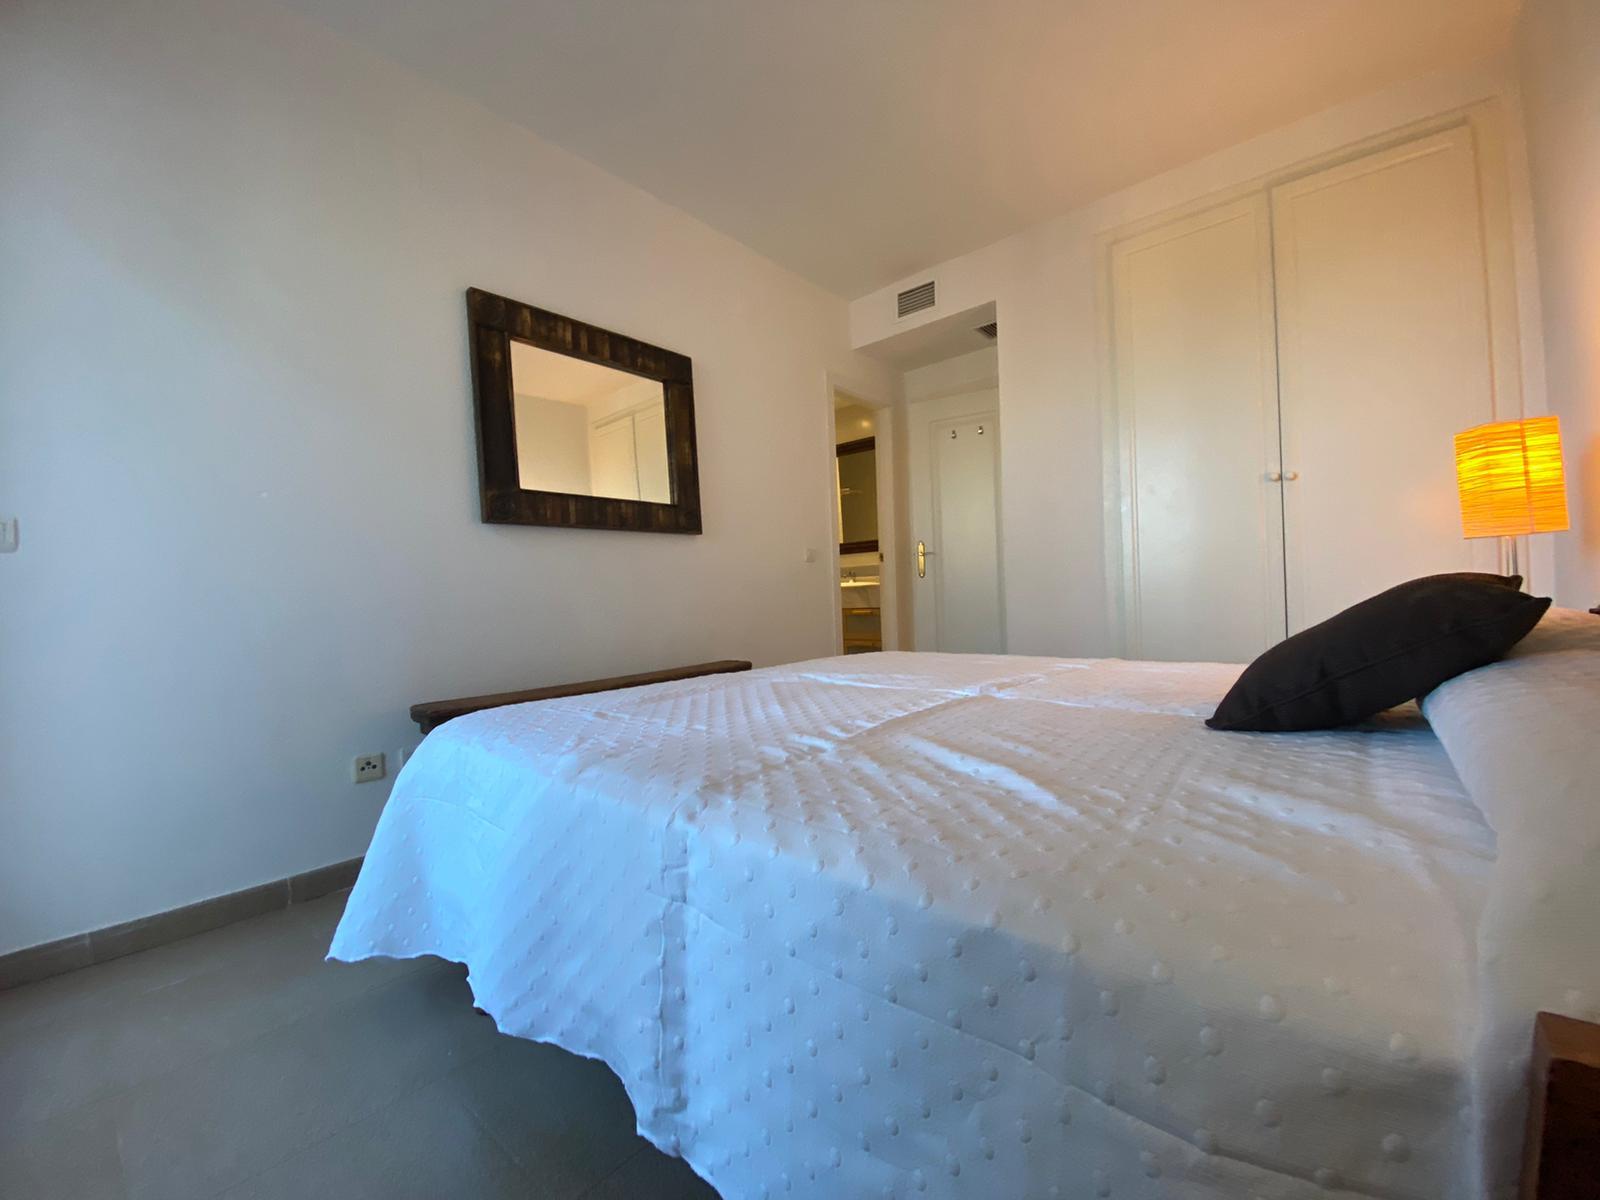 Imagen 19 del Apartamento Turístico, Ático 4 Levante, Frontal (4d+2b), Punta del Moral (HUELVA), Paseo de la Cruz nº22